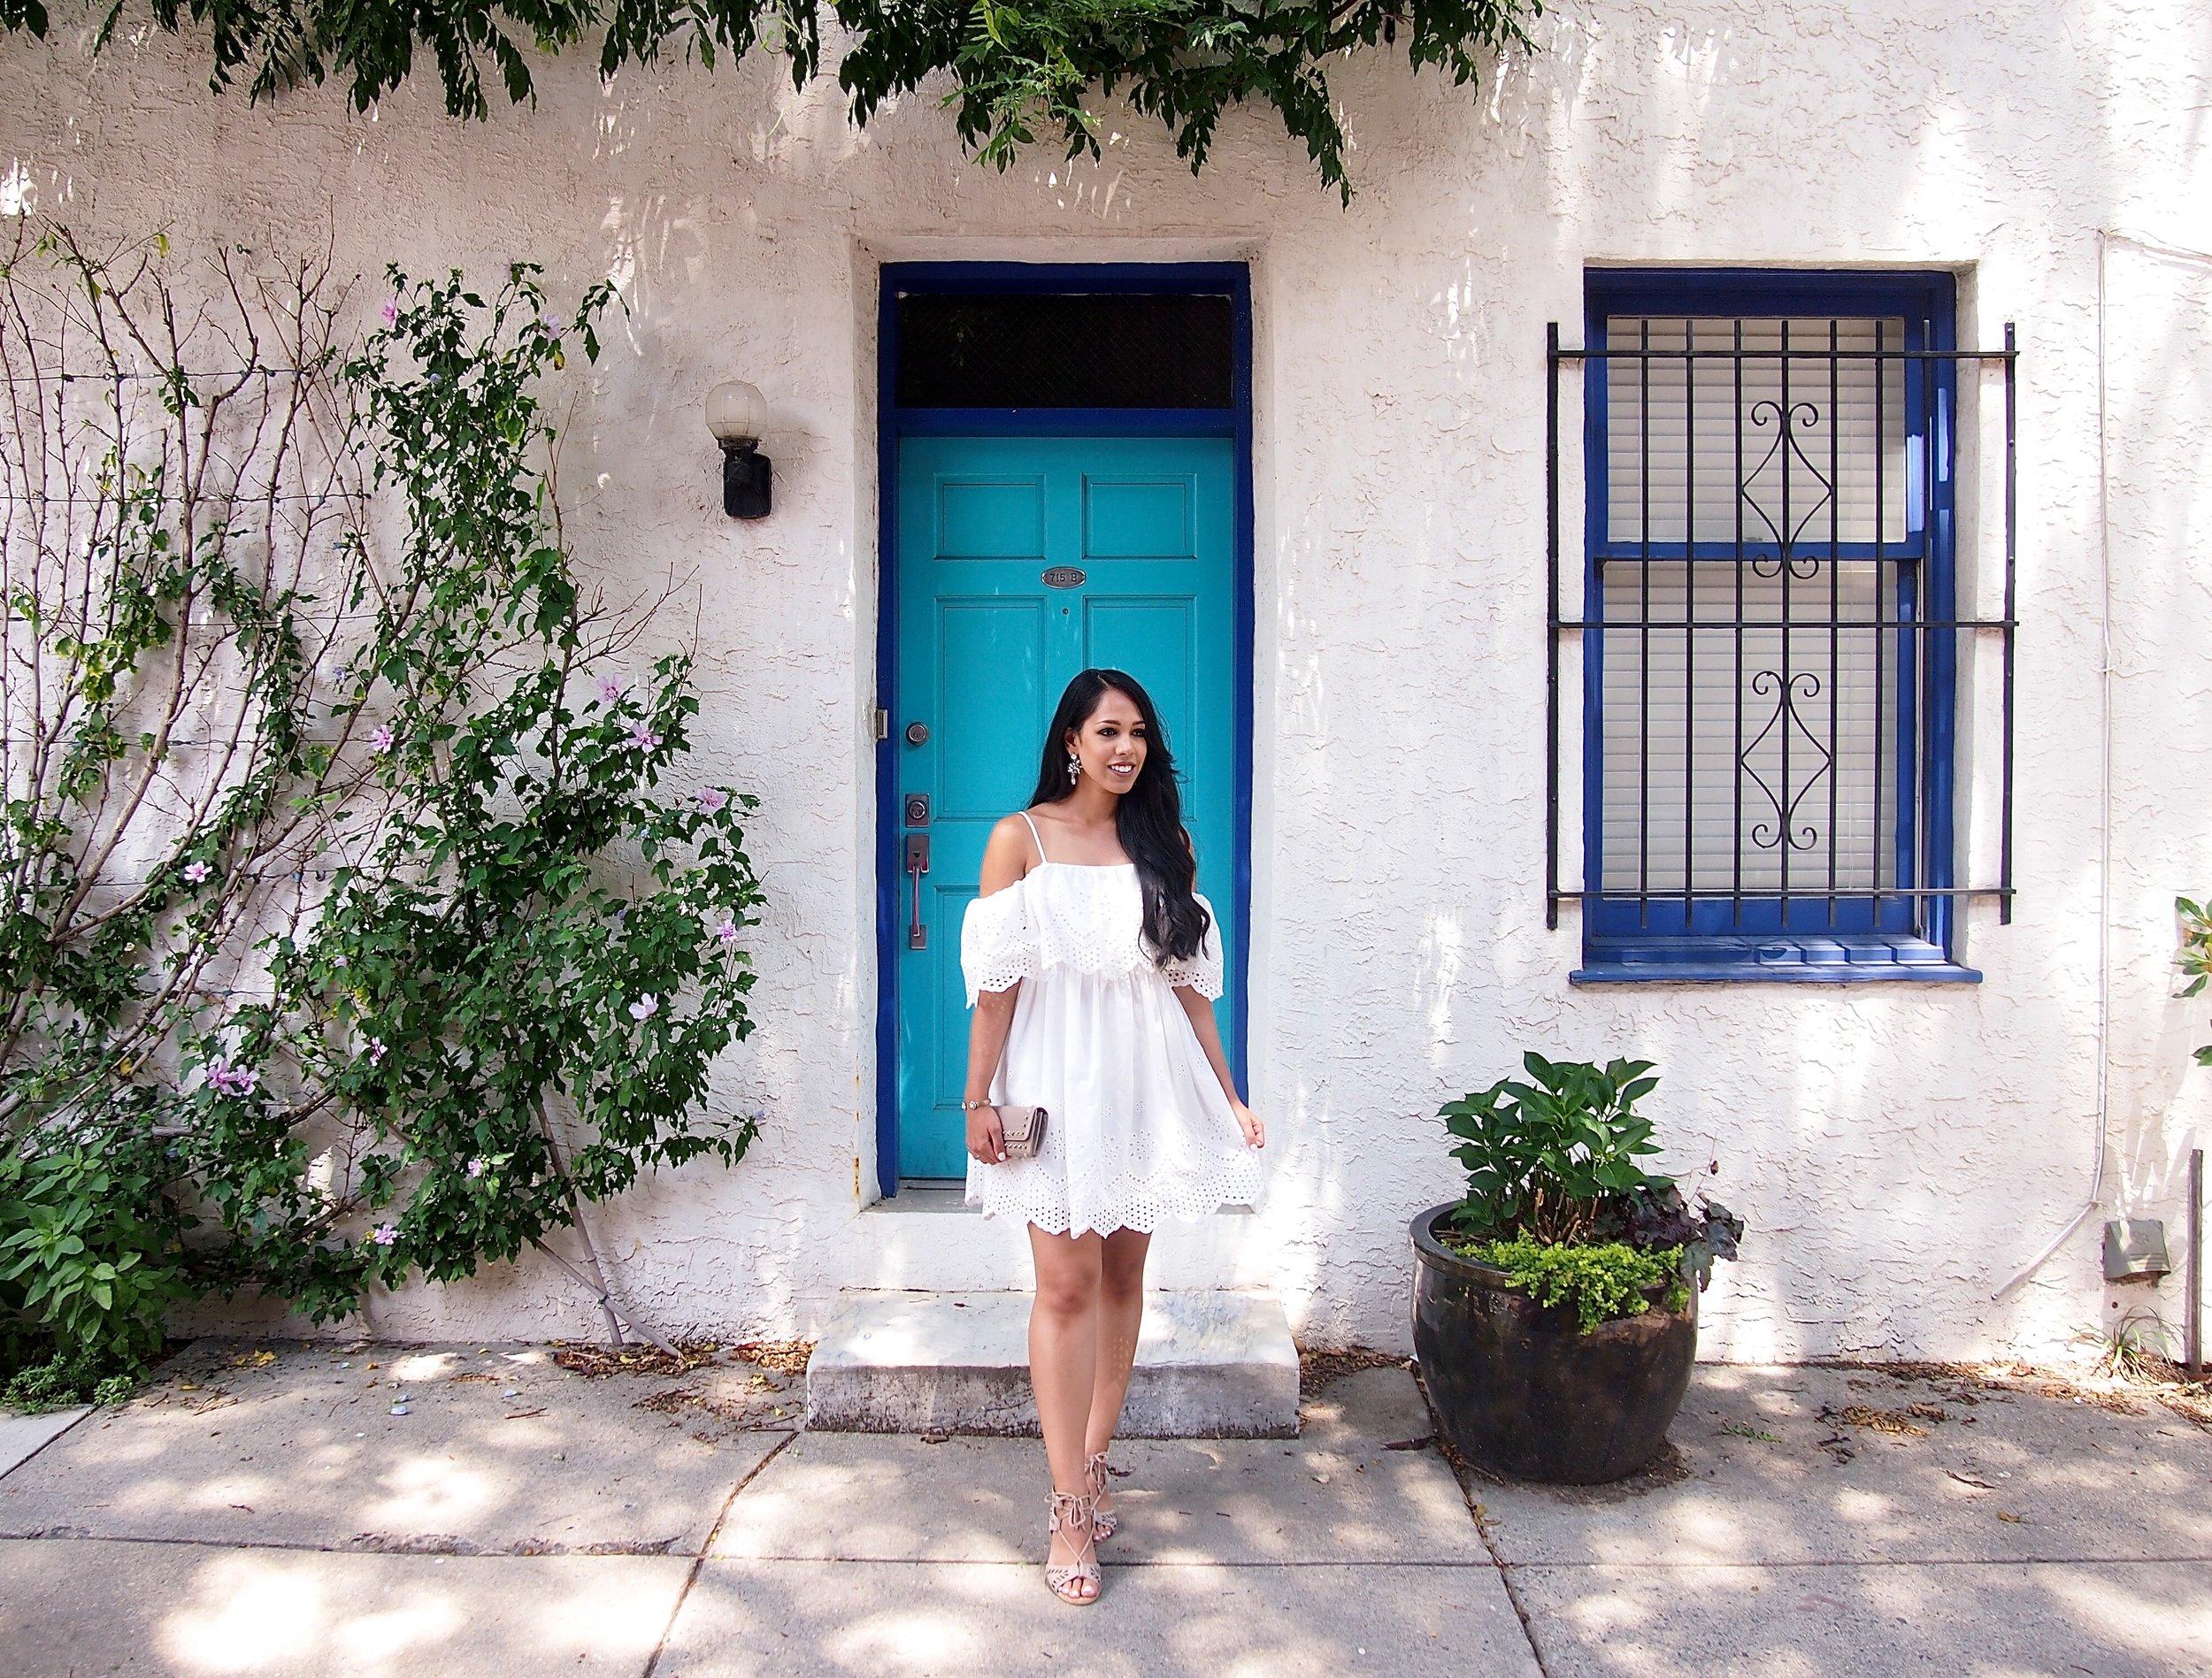 philadelphia-fashion-blogger-Little-White-Dress.JPG